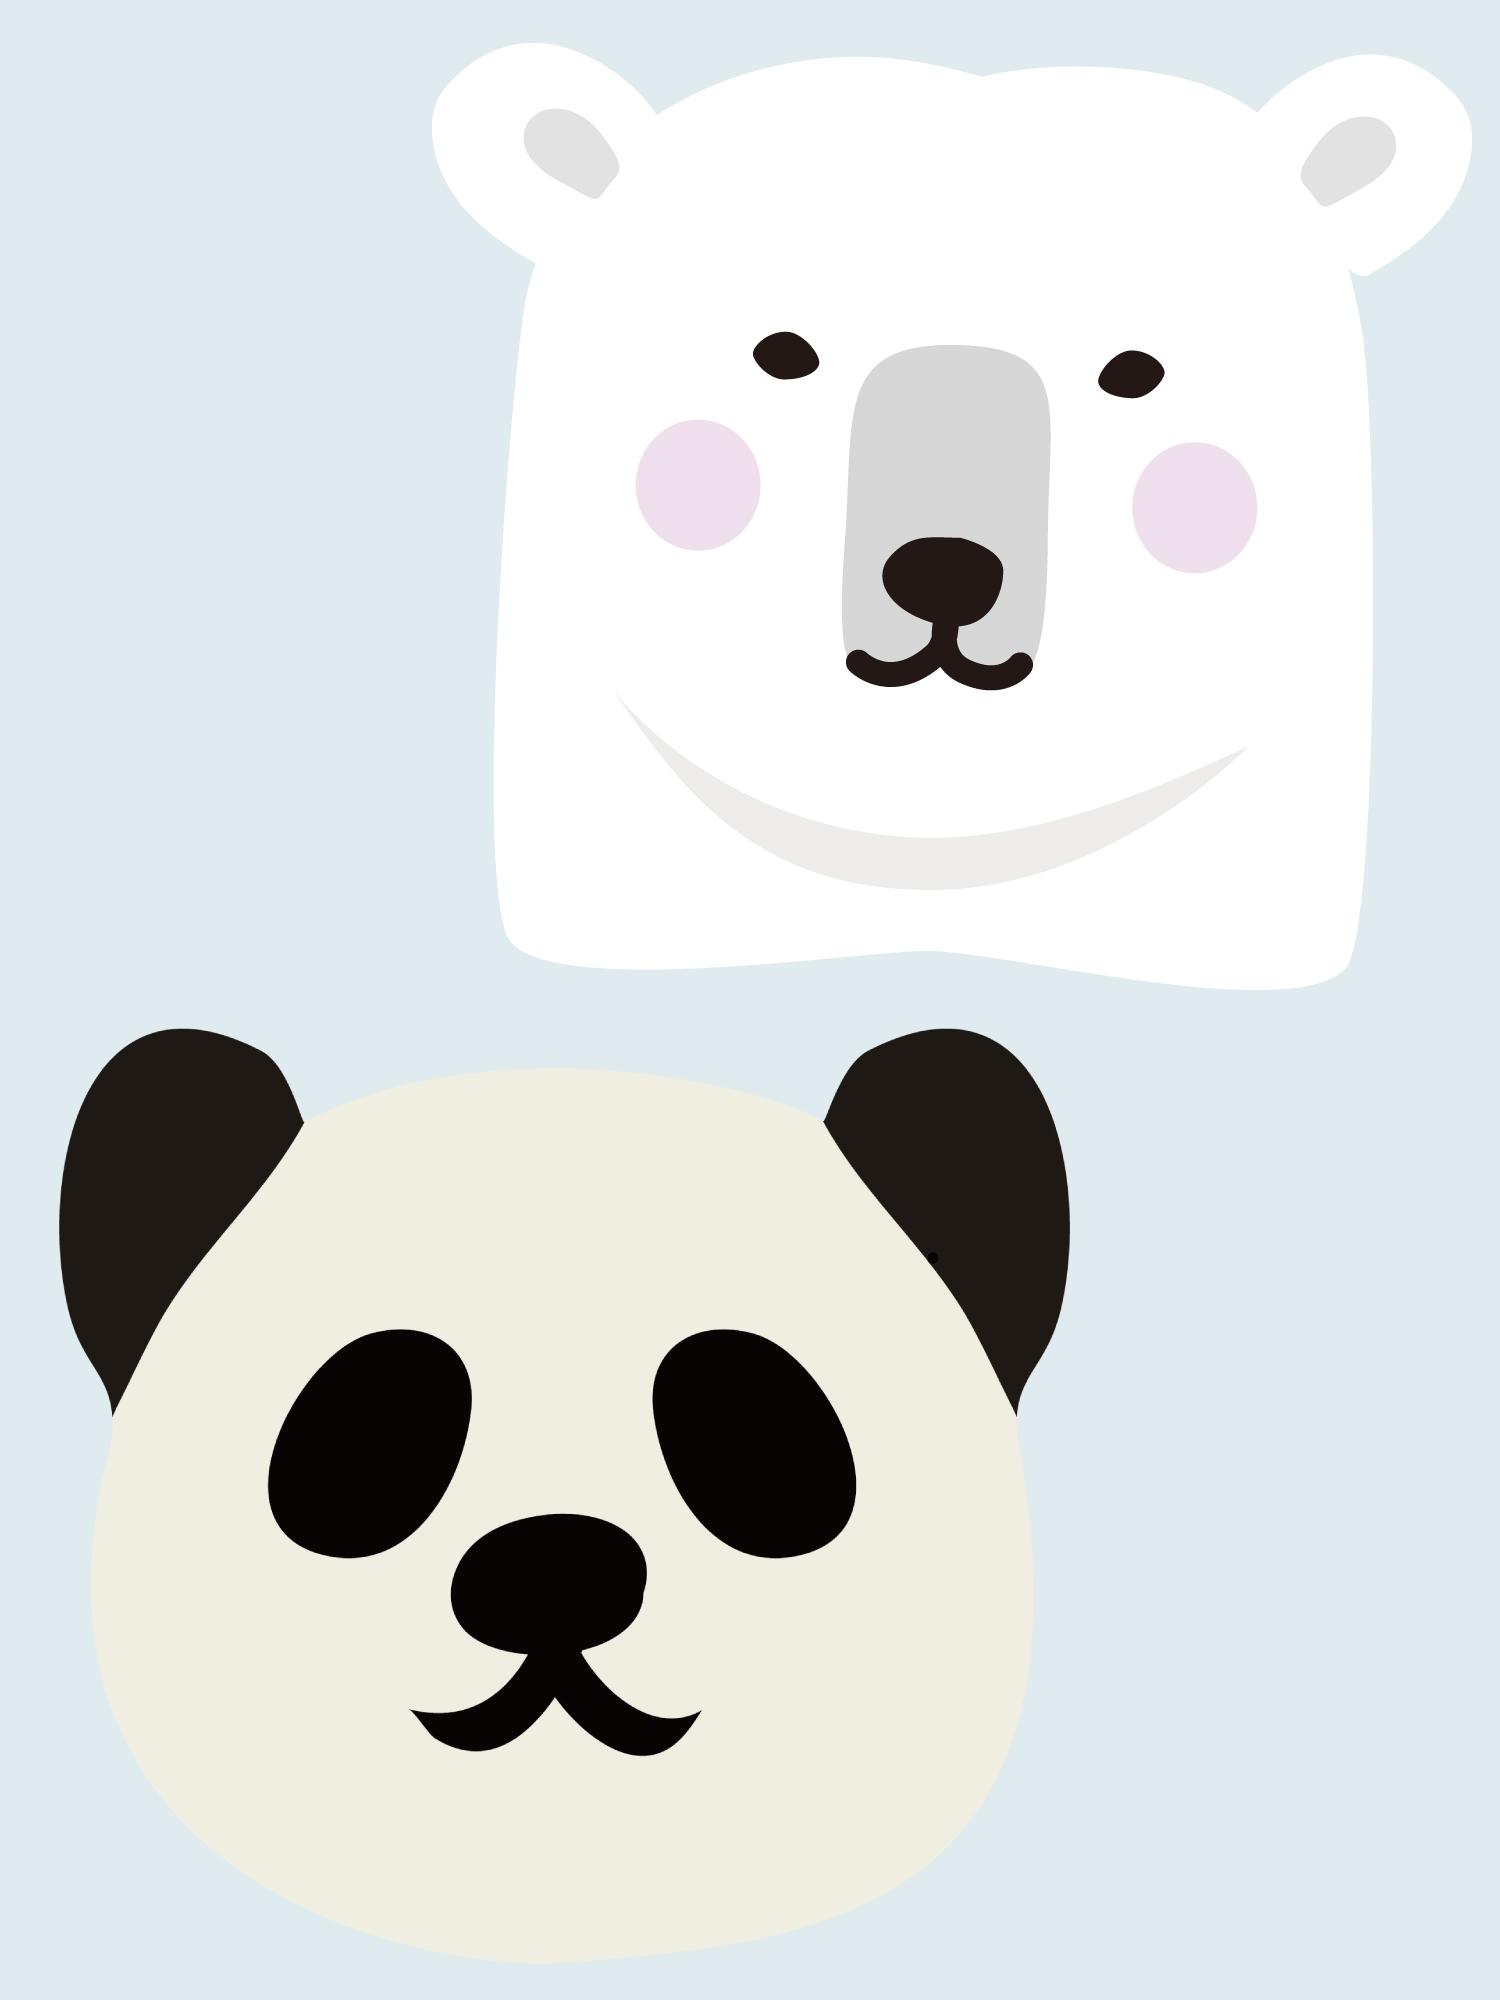 シロクマとパンダのイラスト